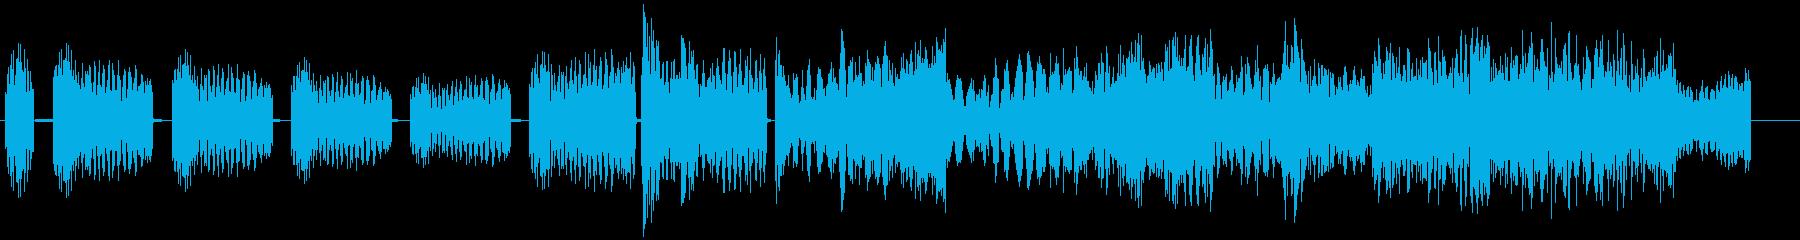 ハードヒットロックスタブの再生済みの波形